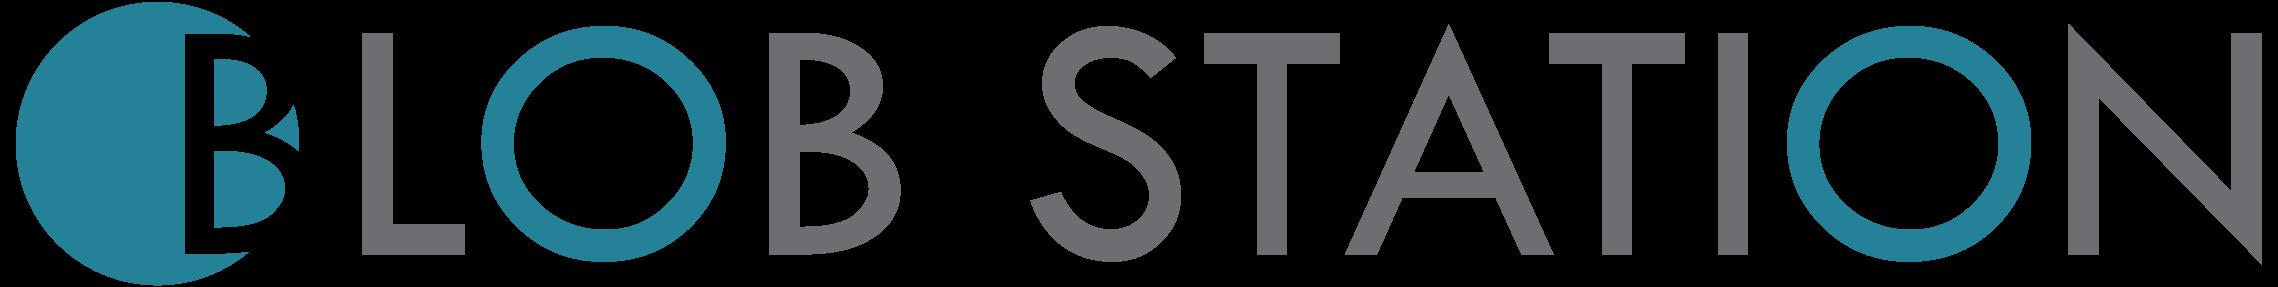 Blobstation Logo